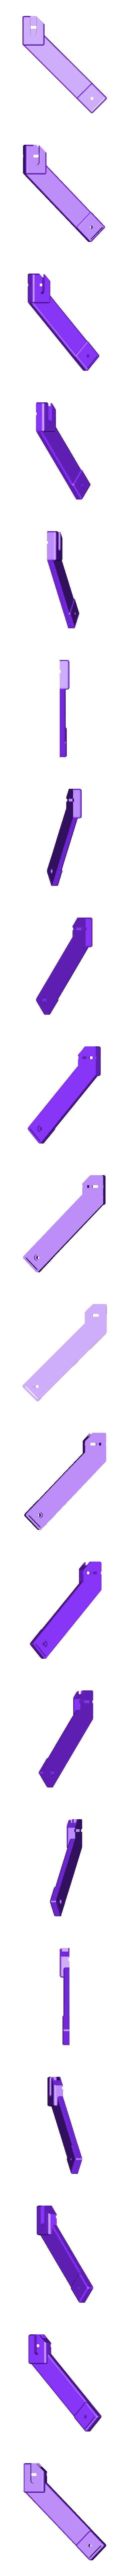 Raspberry_Pi_camera_bed_mount_Angle_Short_Left.stl Télécharger fichier STL gratuit Prusa i3 MK3 MK3 Raspberry Pi Monture de lit pour appareil photo - Mise à jour • Plan pour impression 3D, petclaud